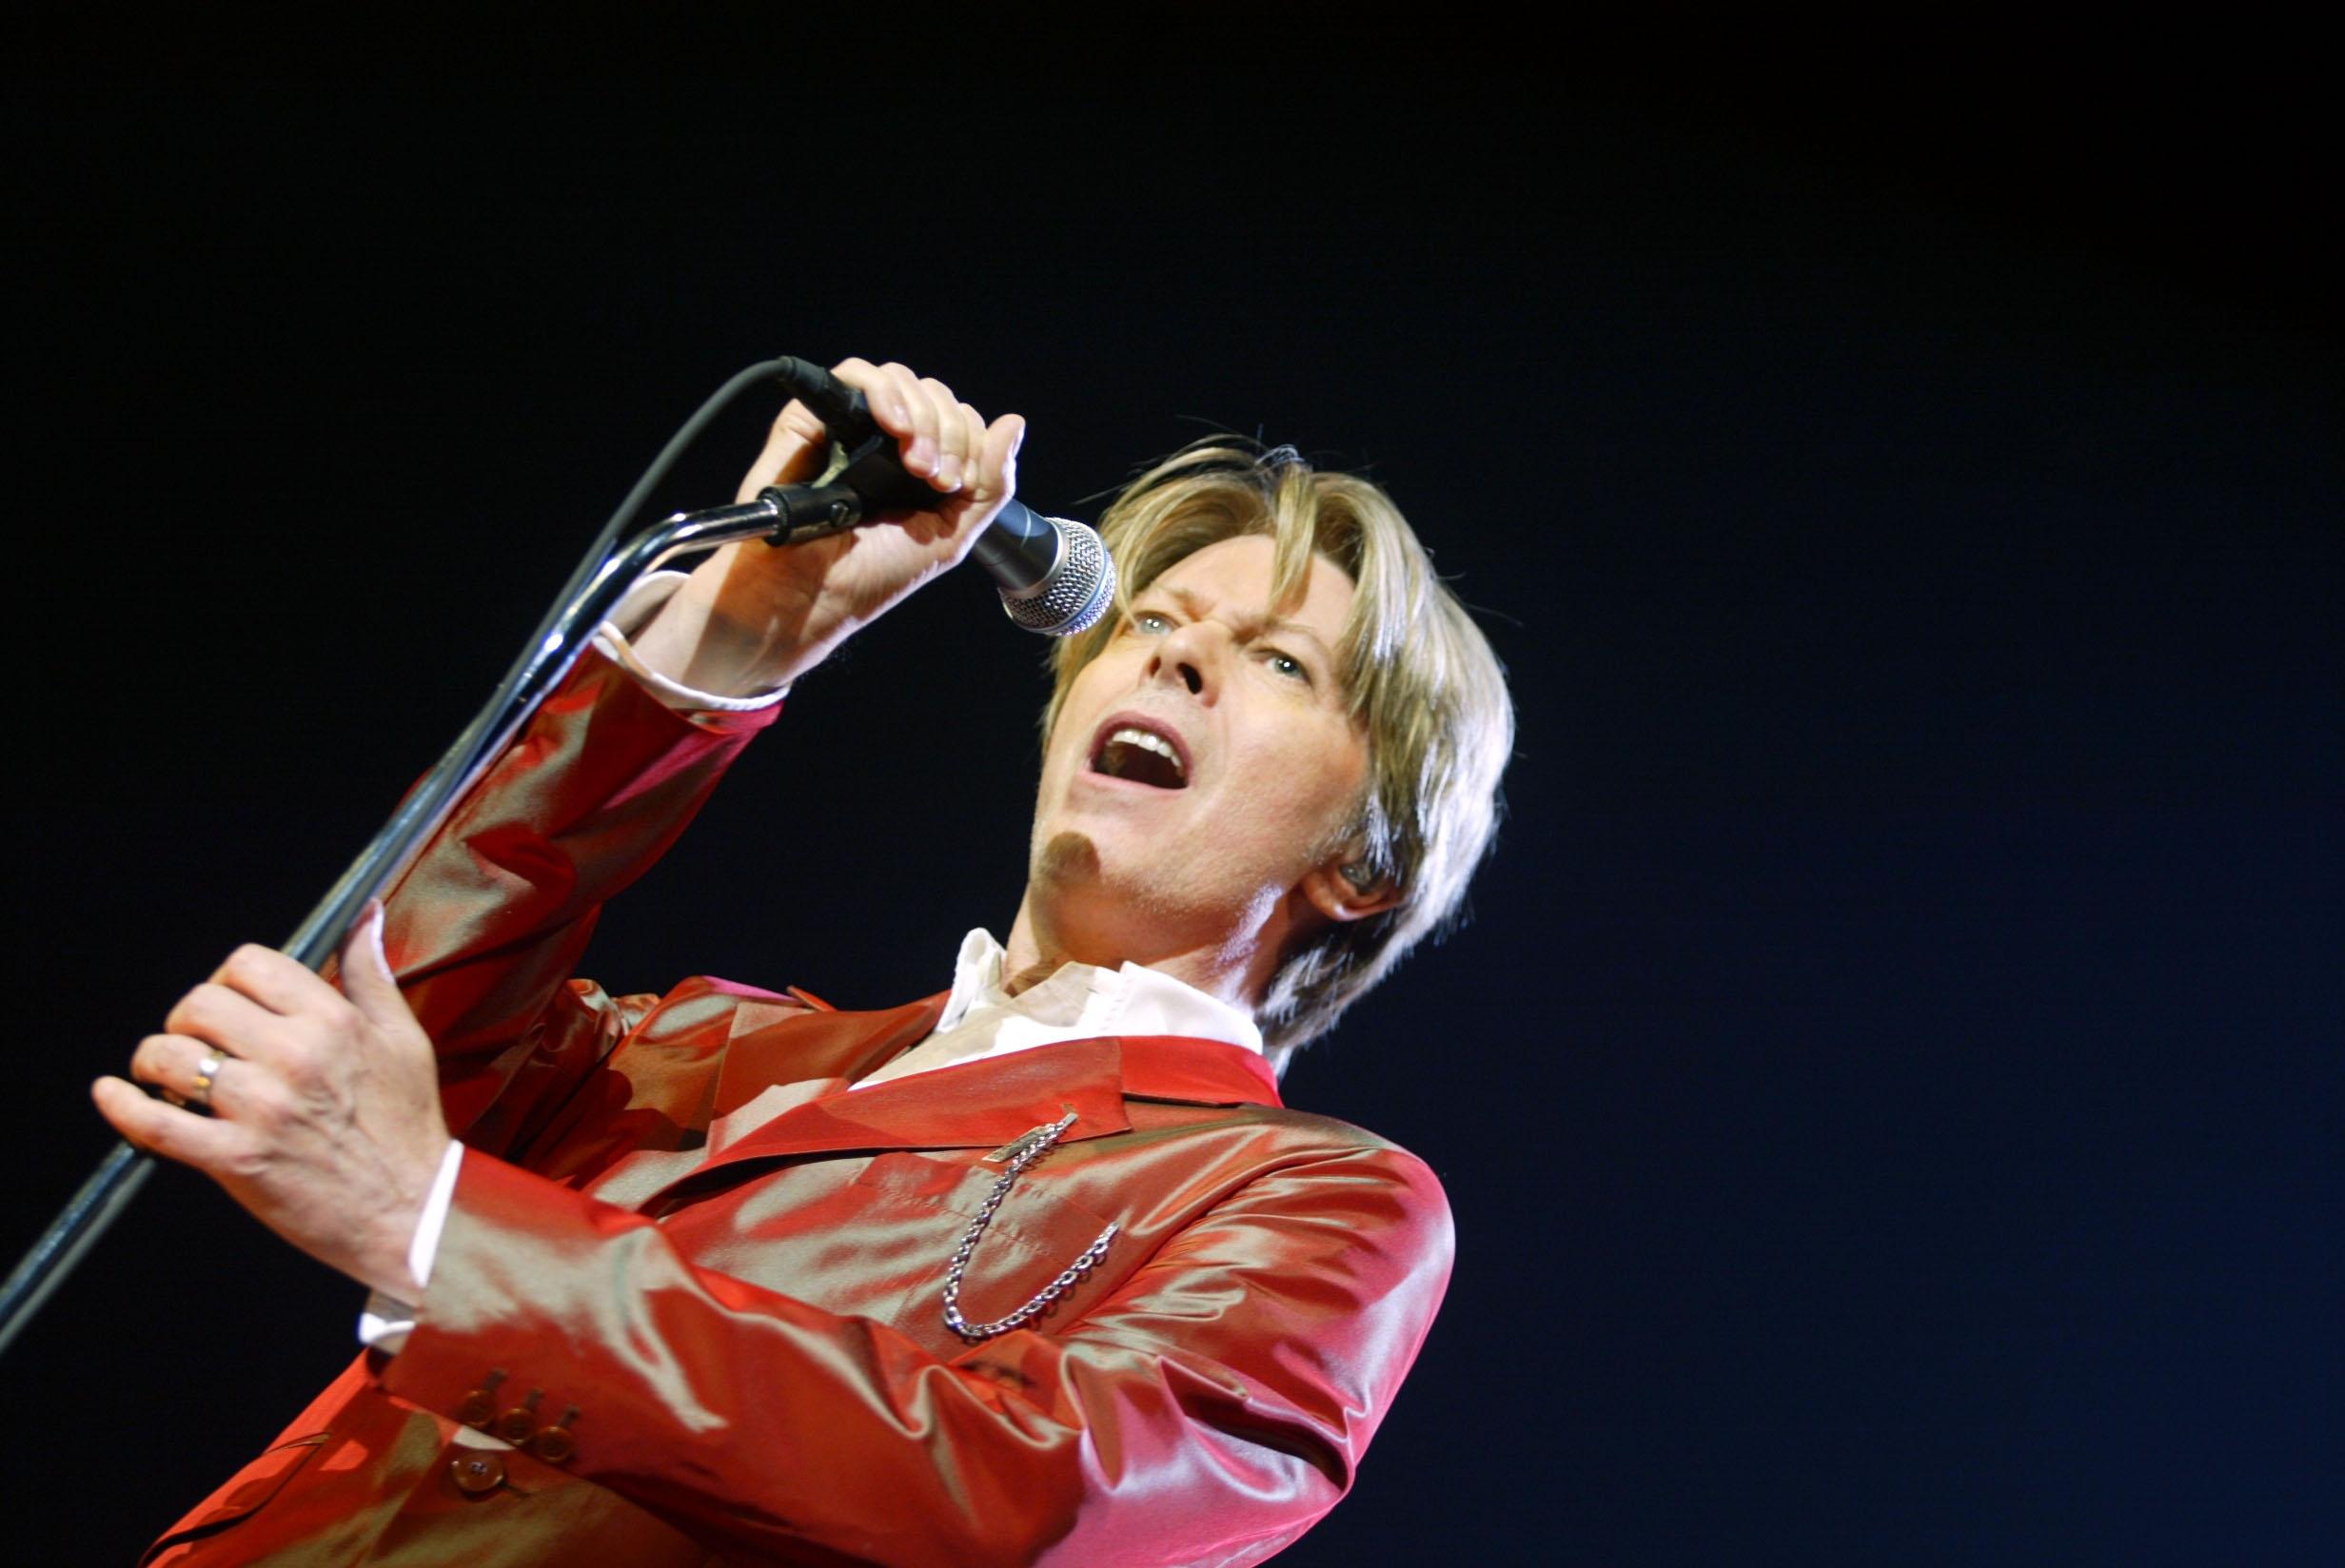 Adiós interestelar a David Bowie, el poeta del espacio